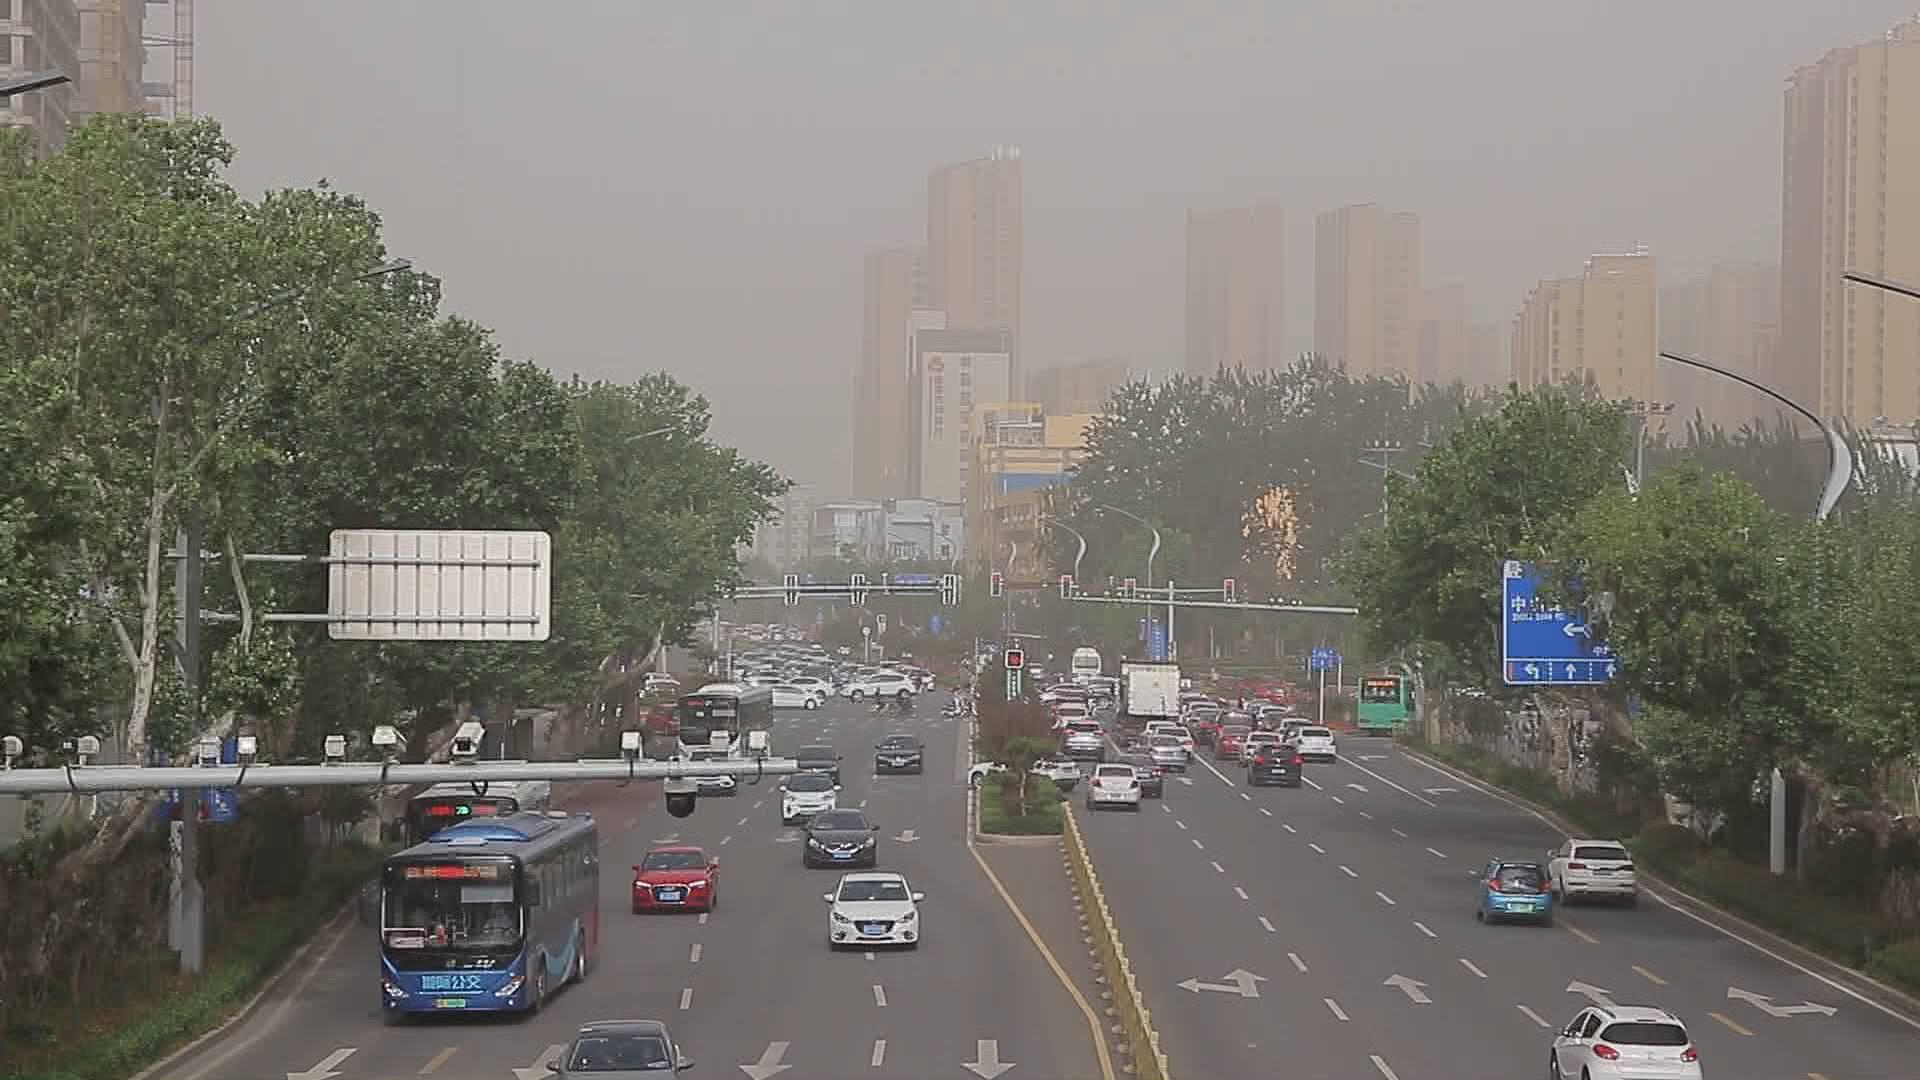 沙尘天气到达山东!这12个市空气质量严重污染,9日沙尘才走